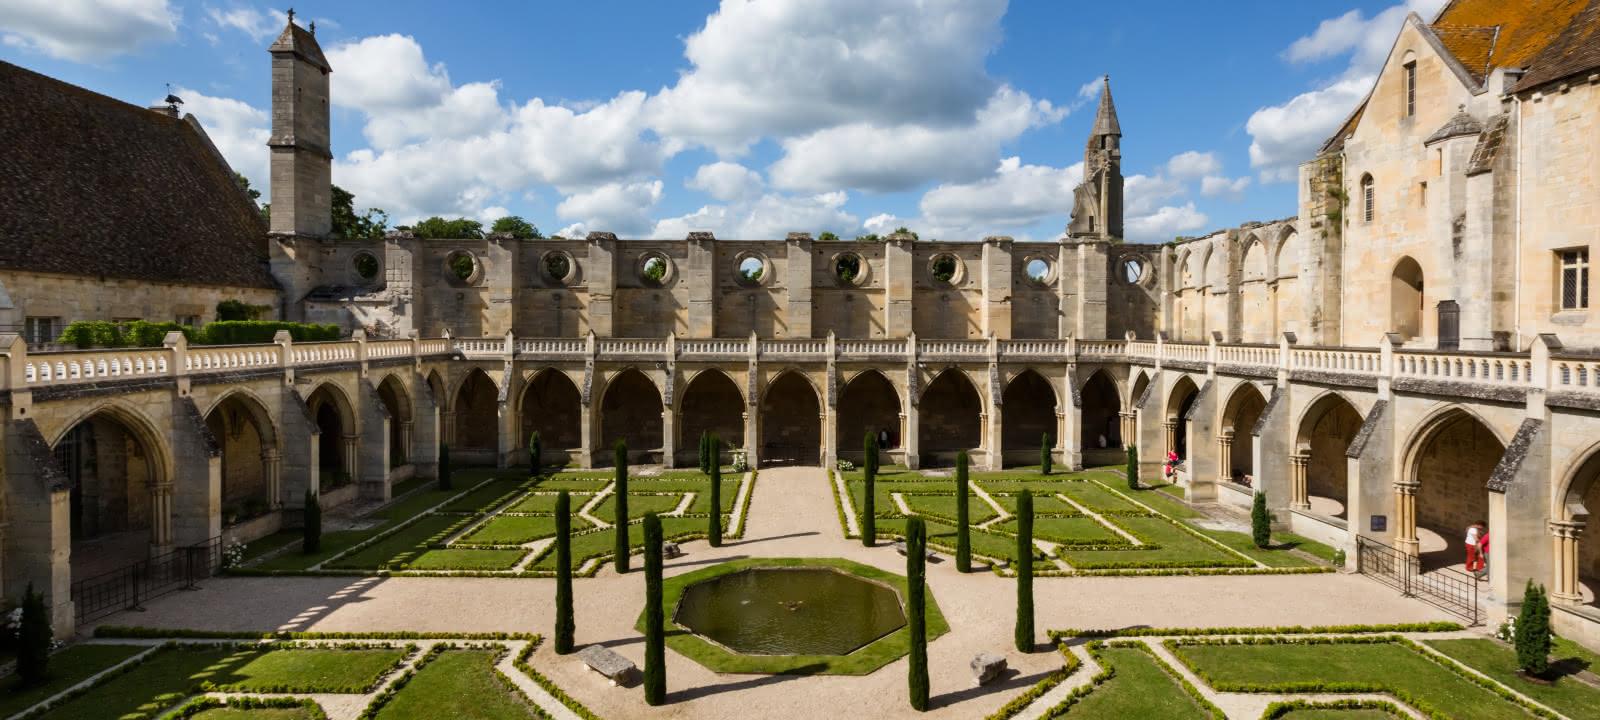 Photo du jardin et du cloître de l'abbaye de Royaumont